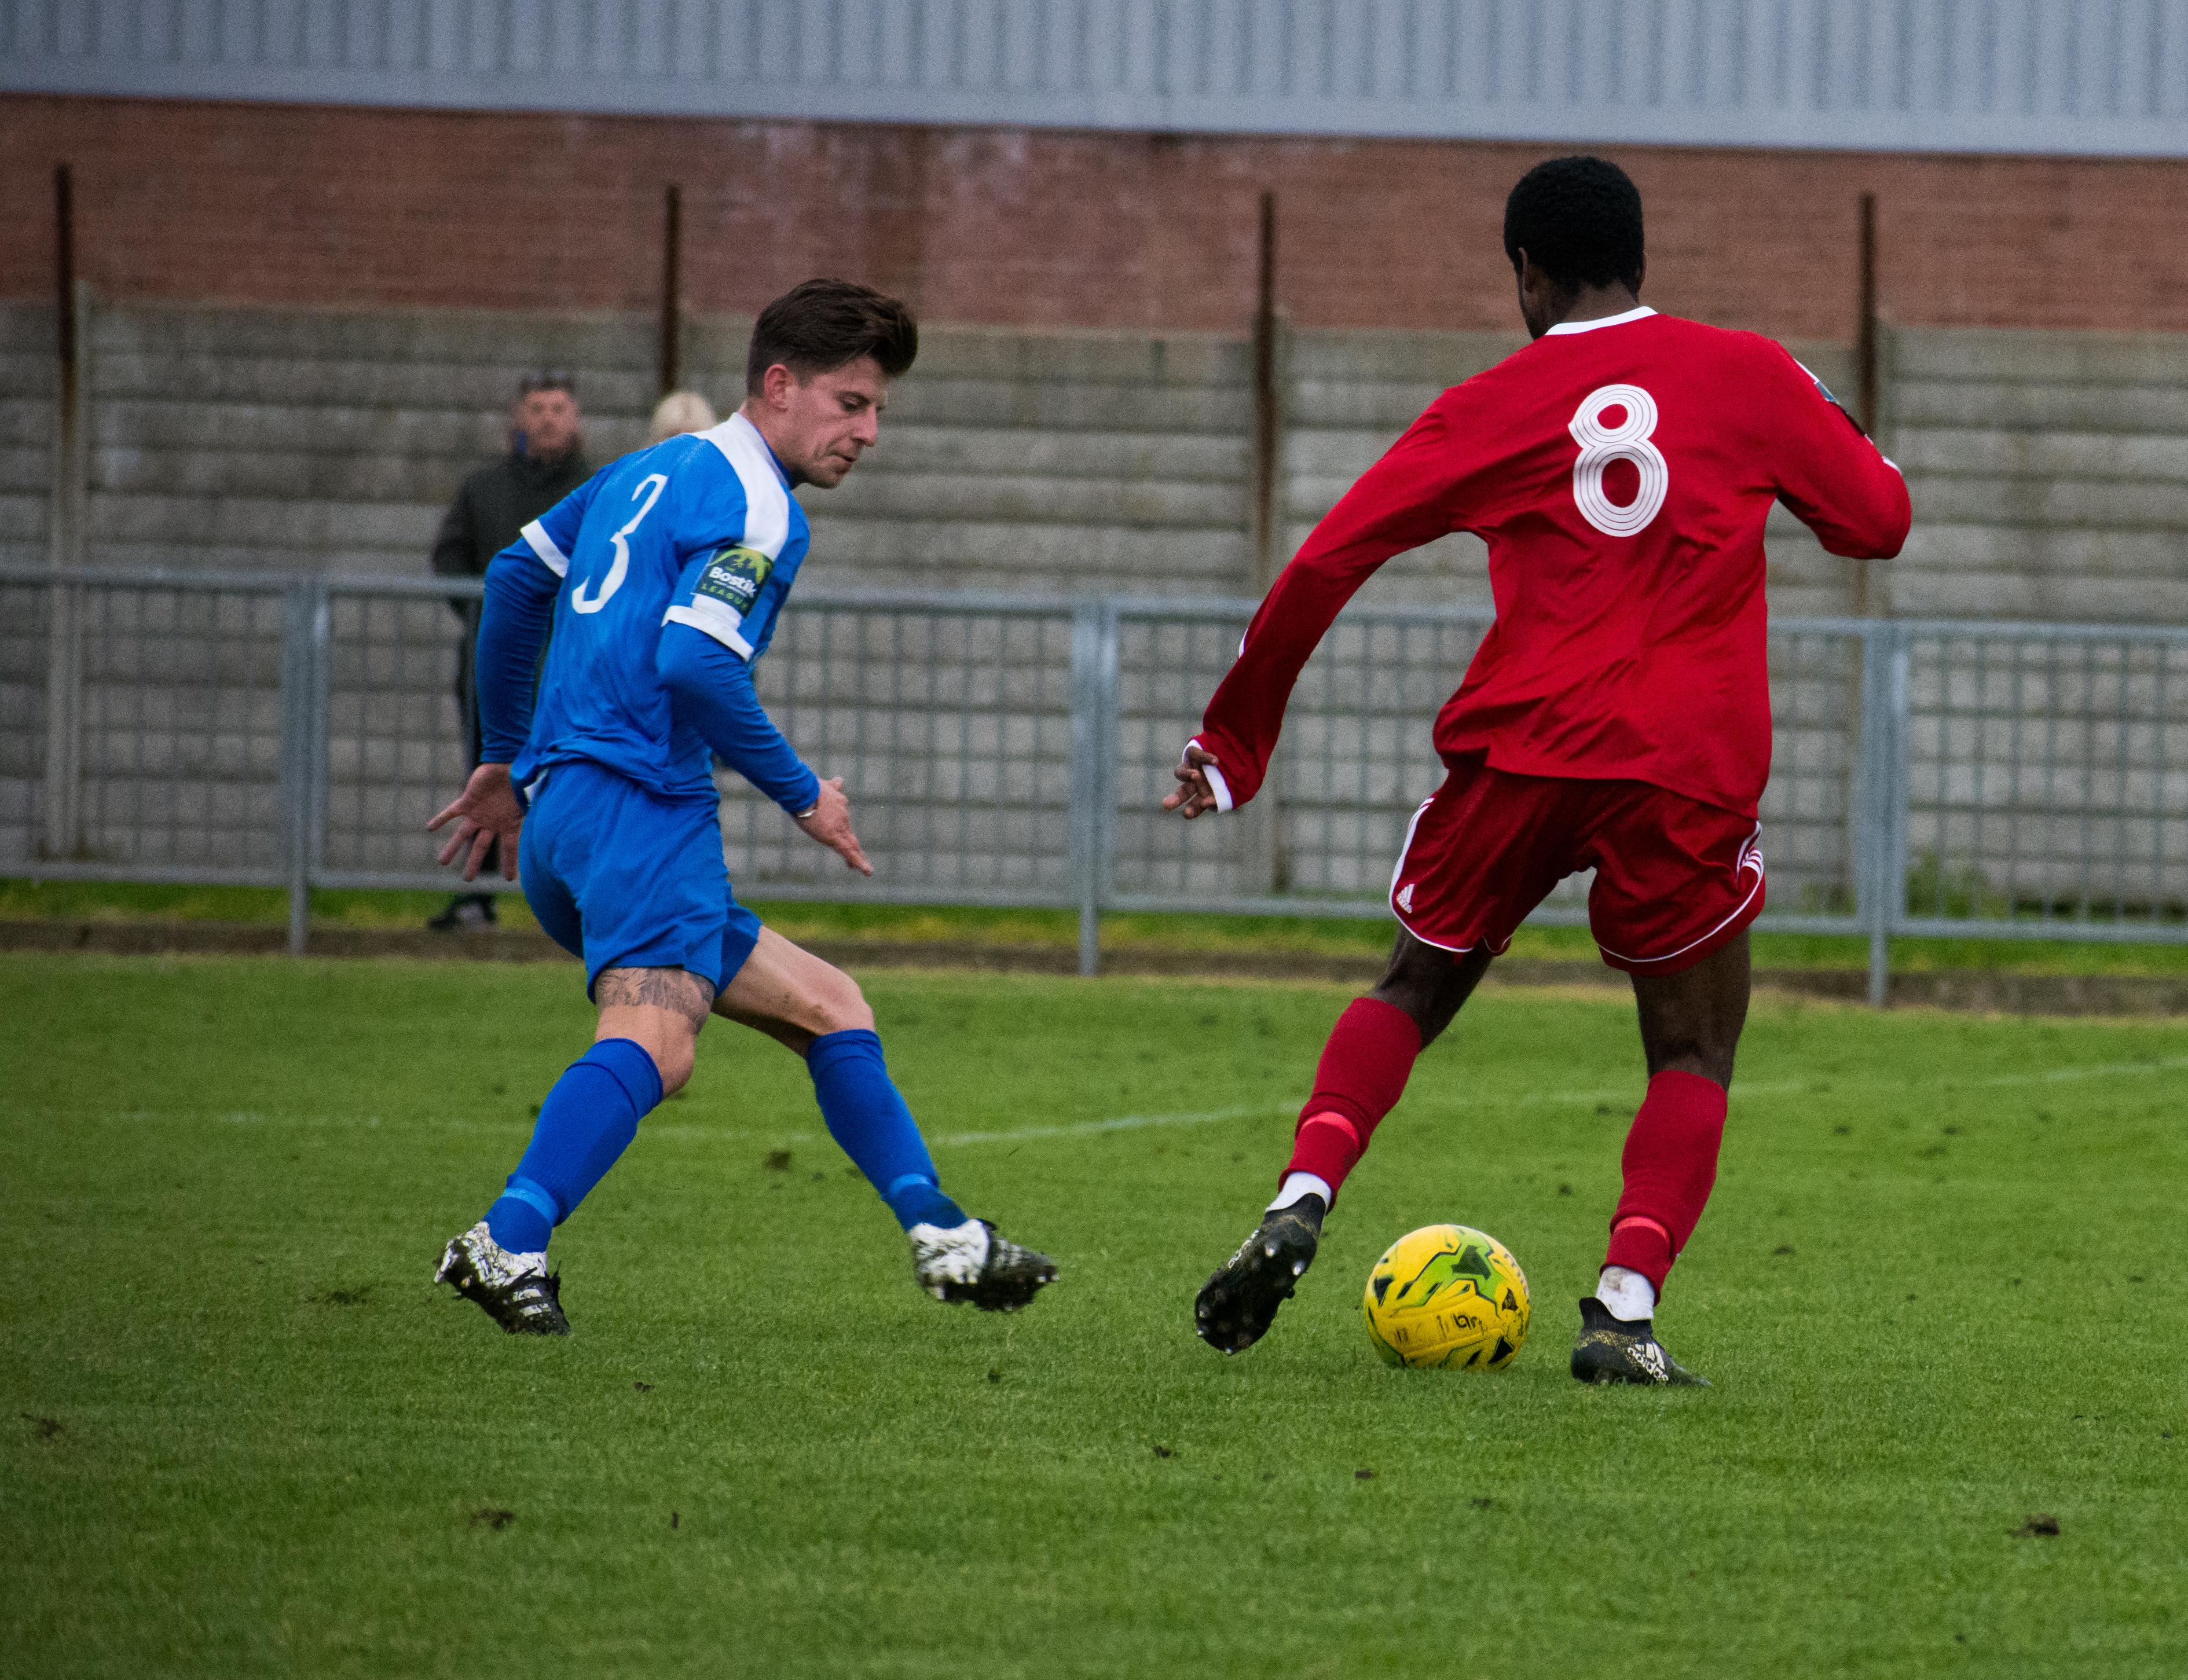 Shoreham FC vs Hythe Town 11.11.17 35